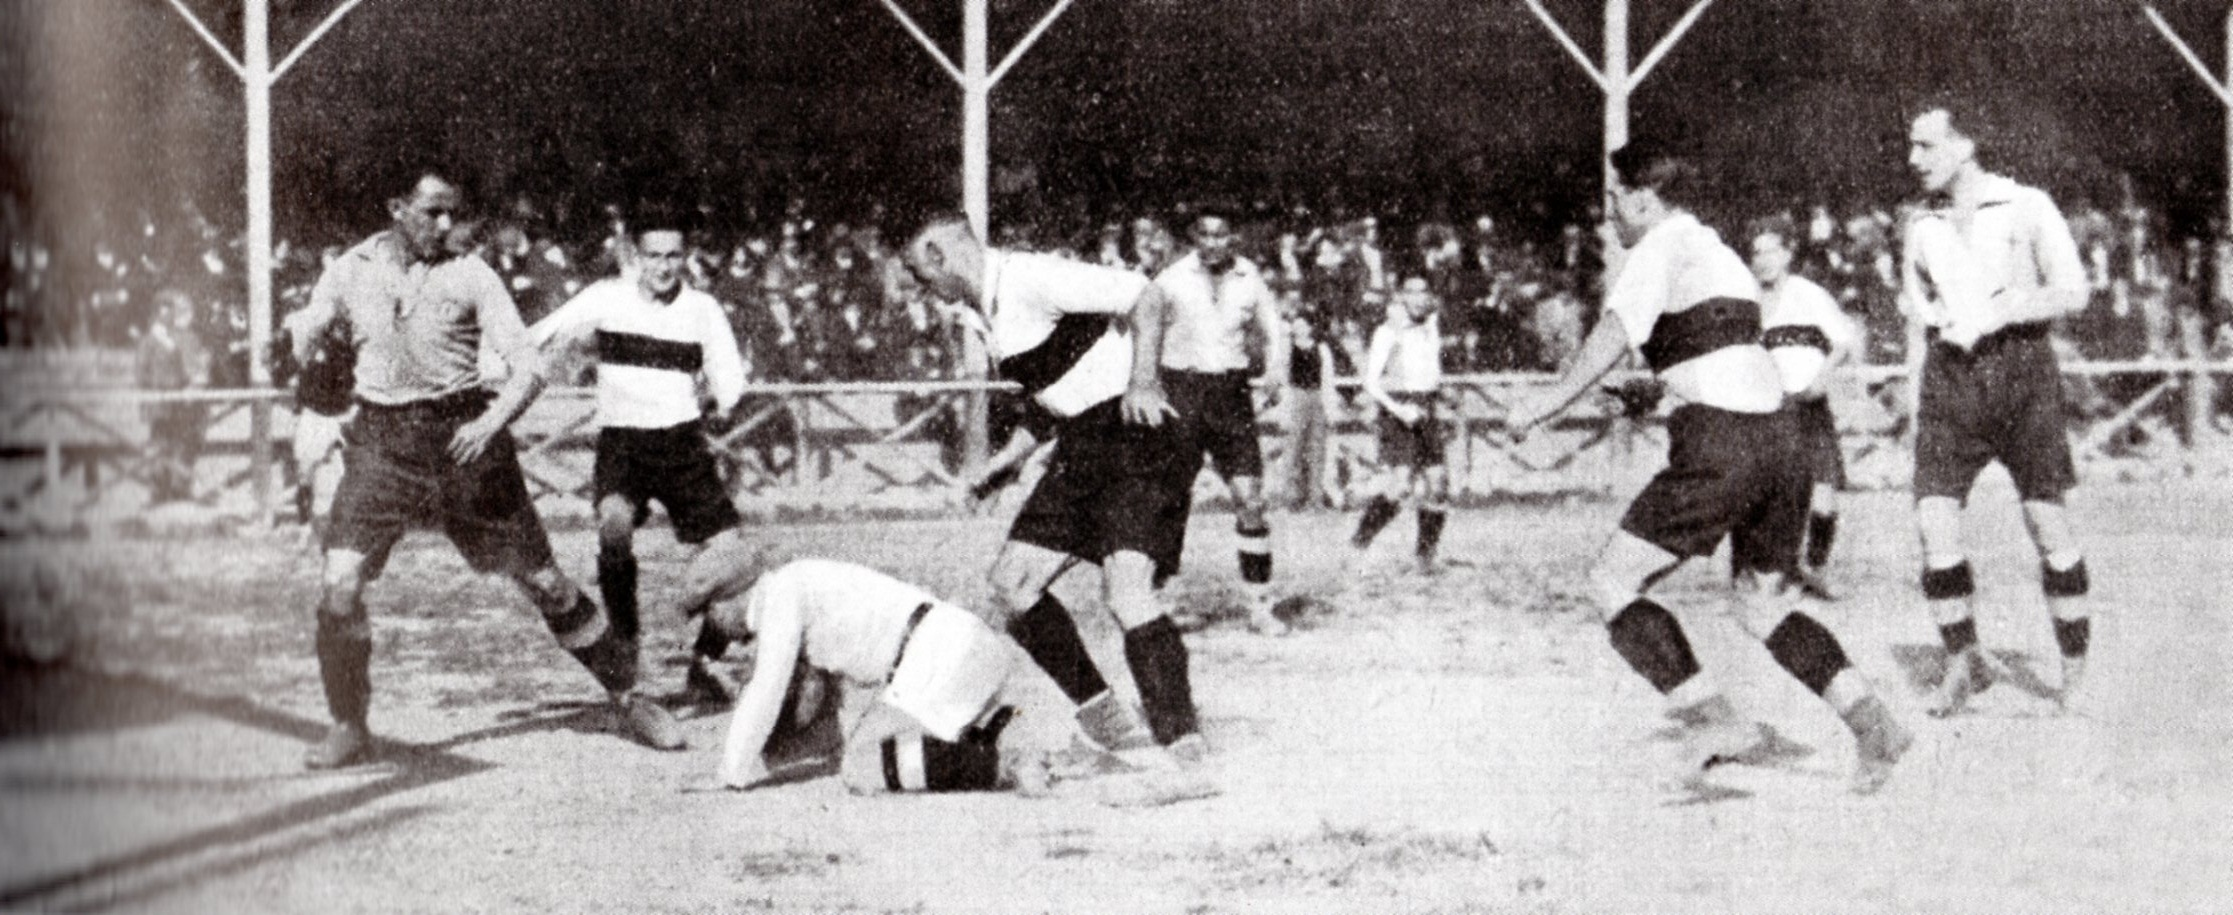 1923 - Sampierdarenese-Alessandria 1-2. Carcano, Costa e Moretti proteggono un'uscita di Cagnina